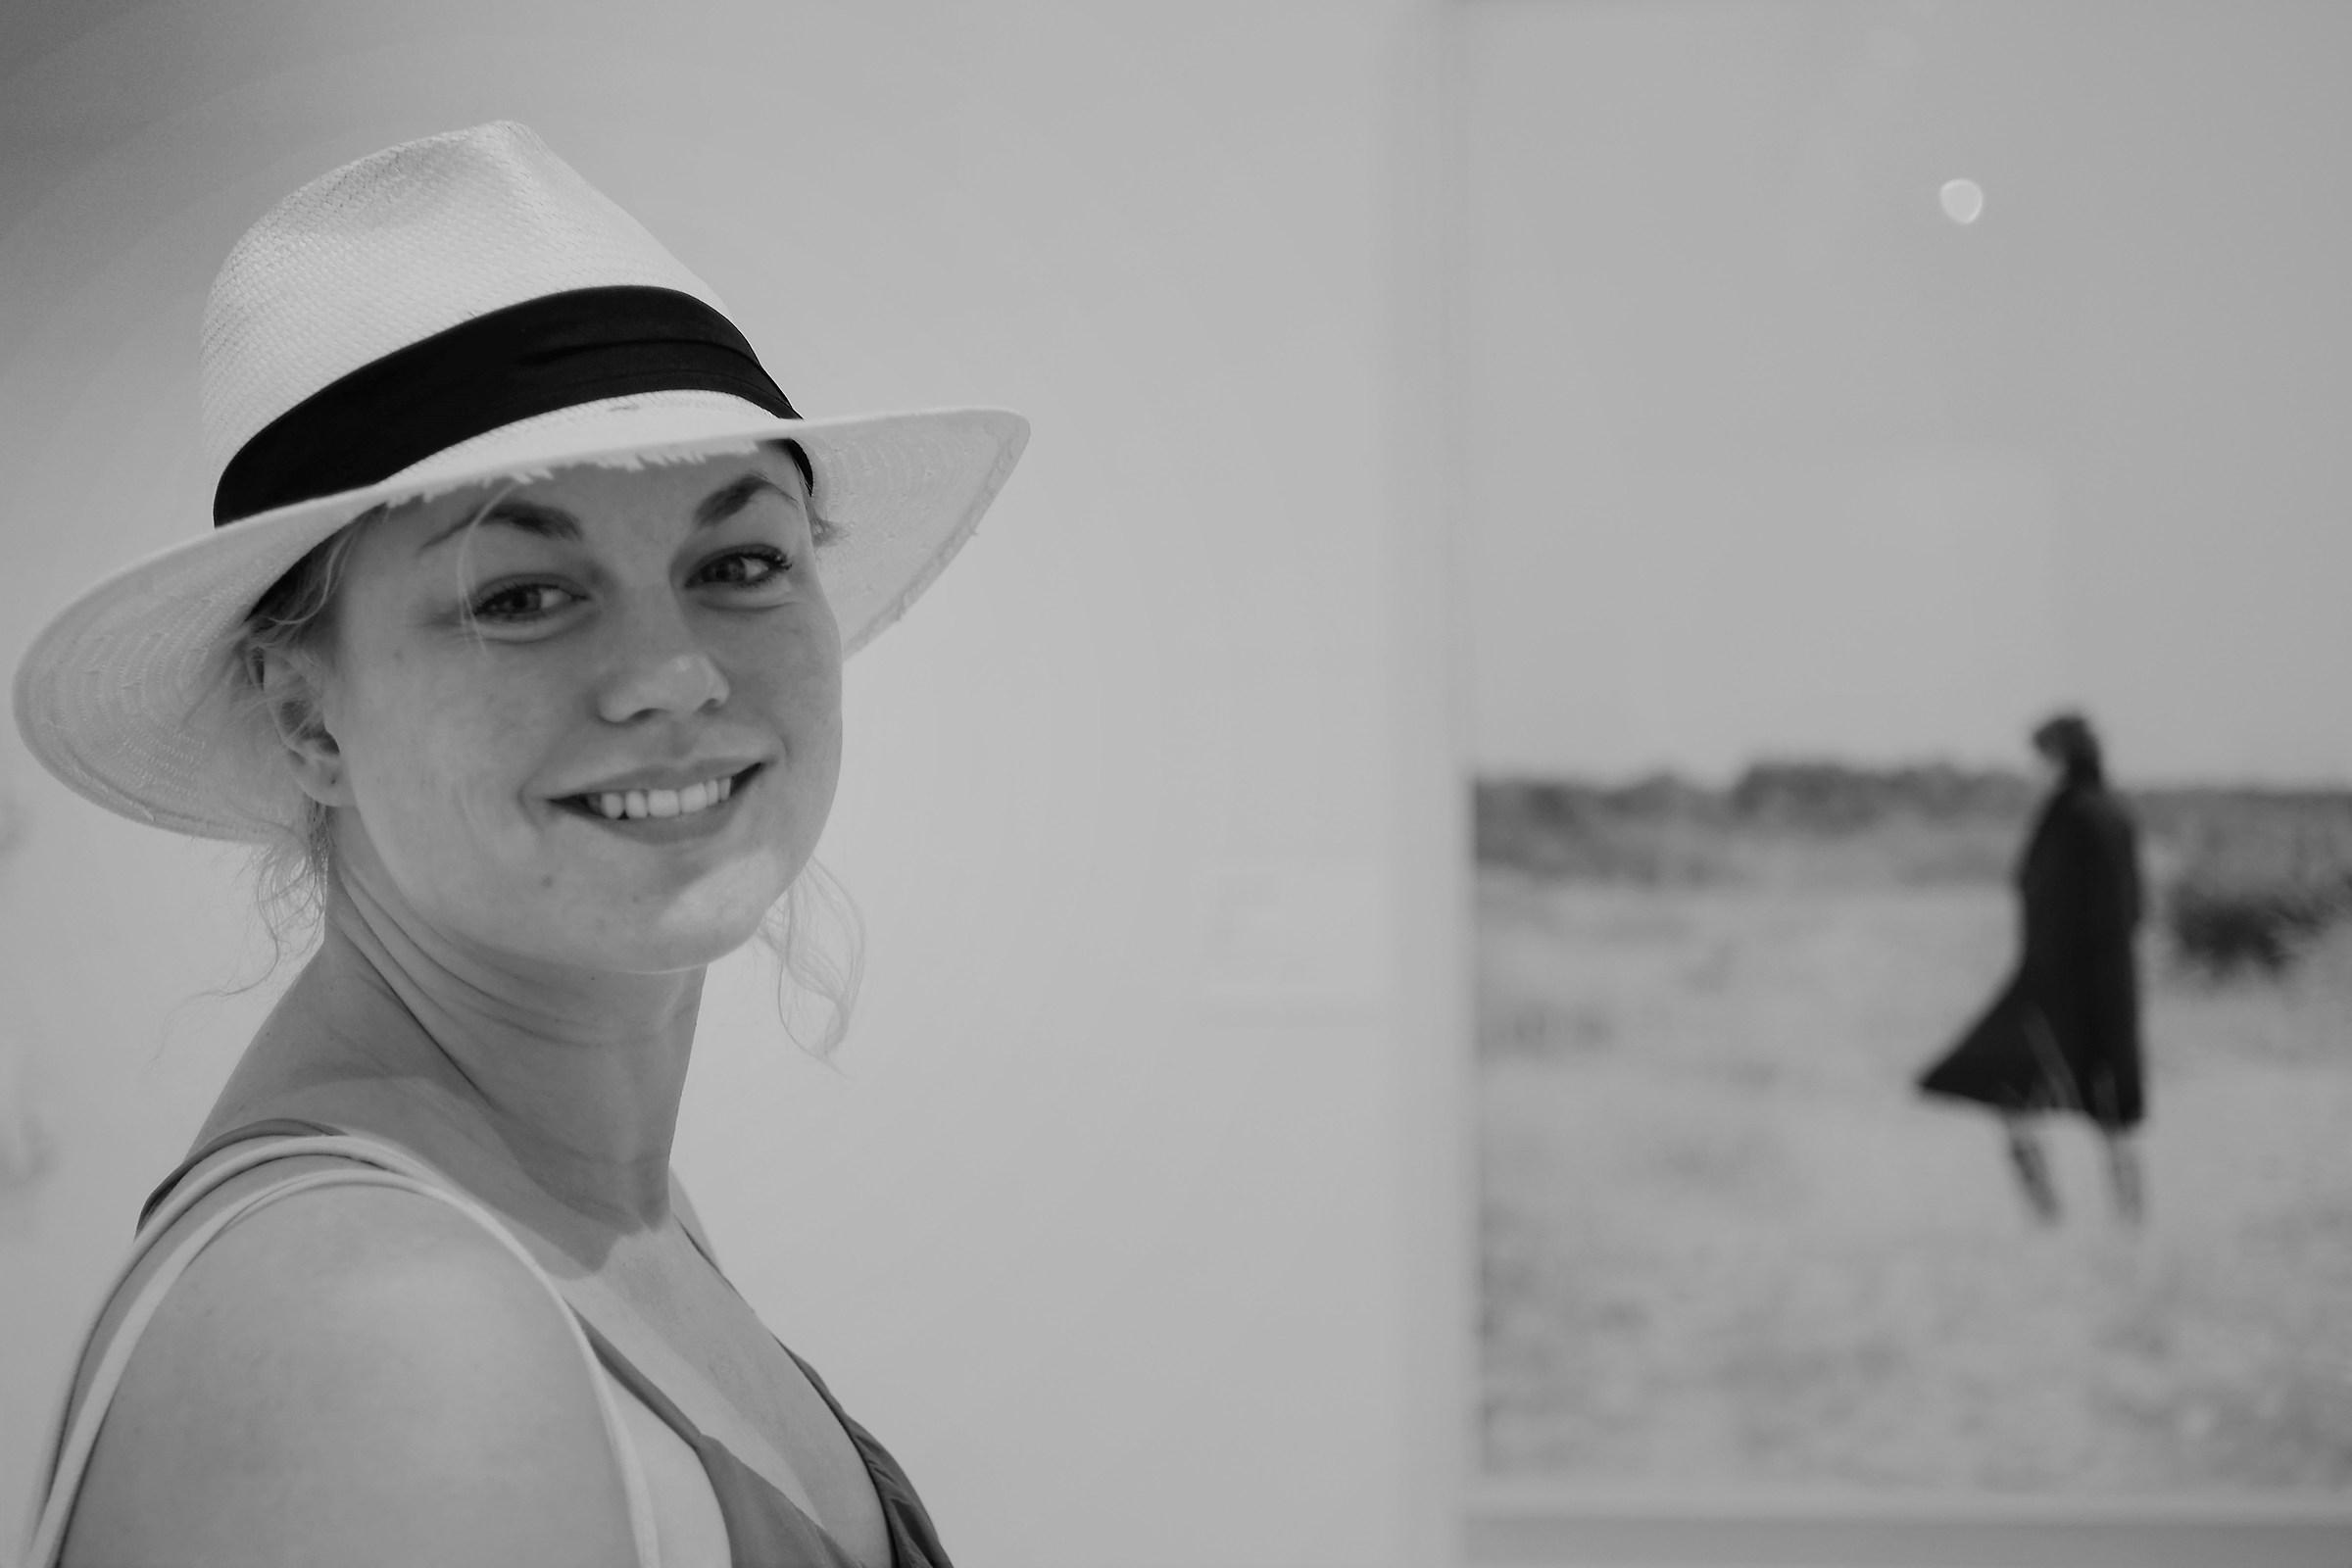 Il sorriso e il cacciatore e la luna (nel quadro)...